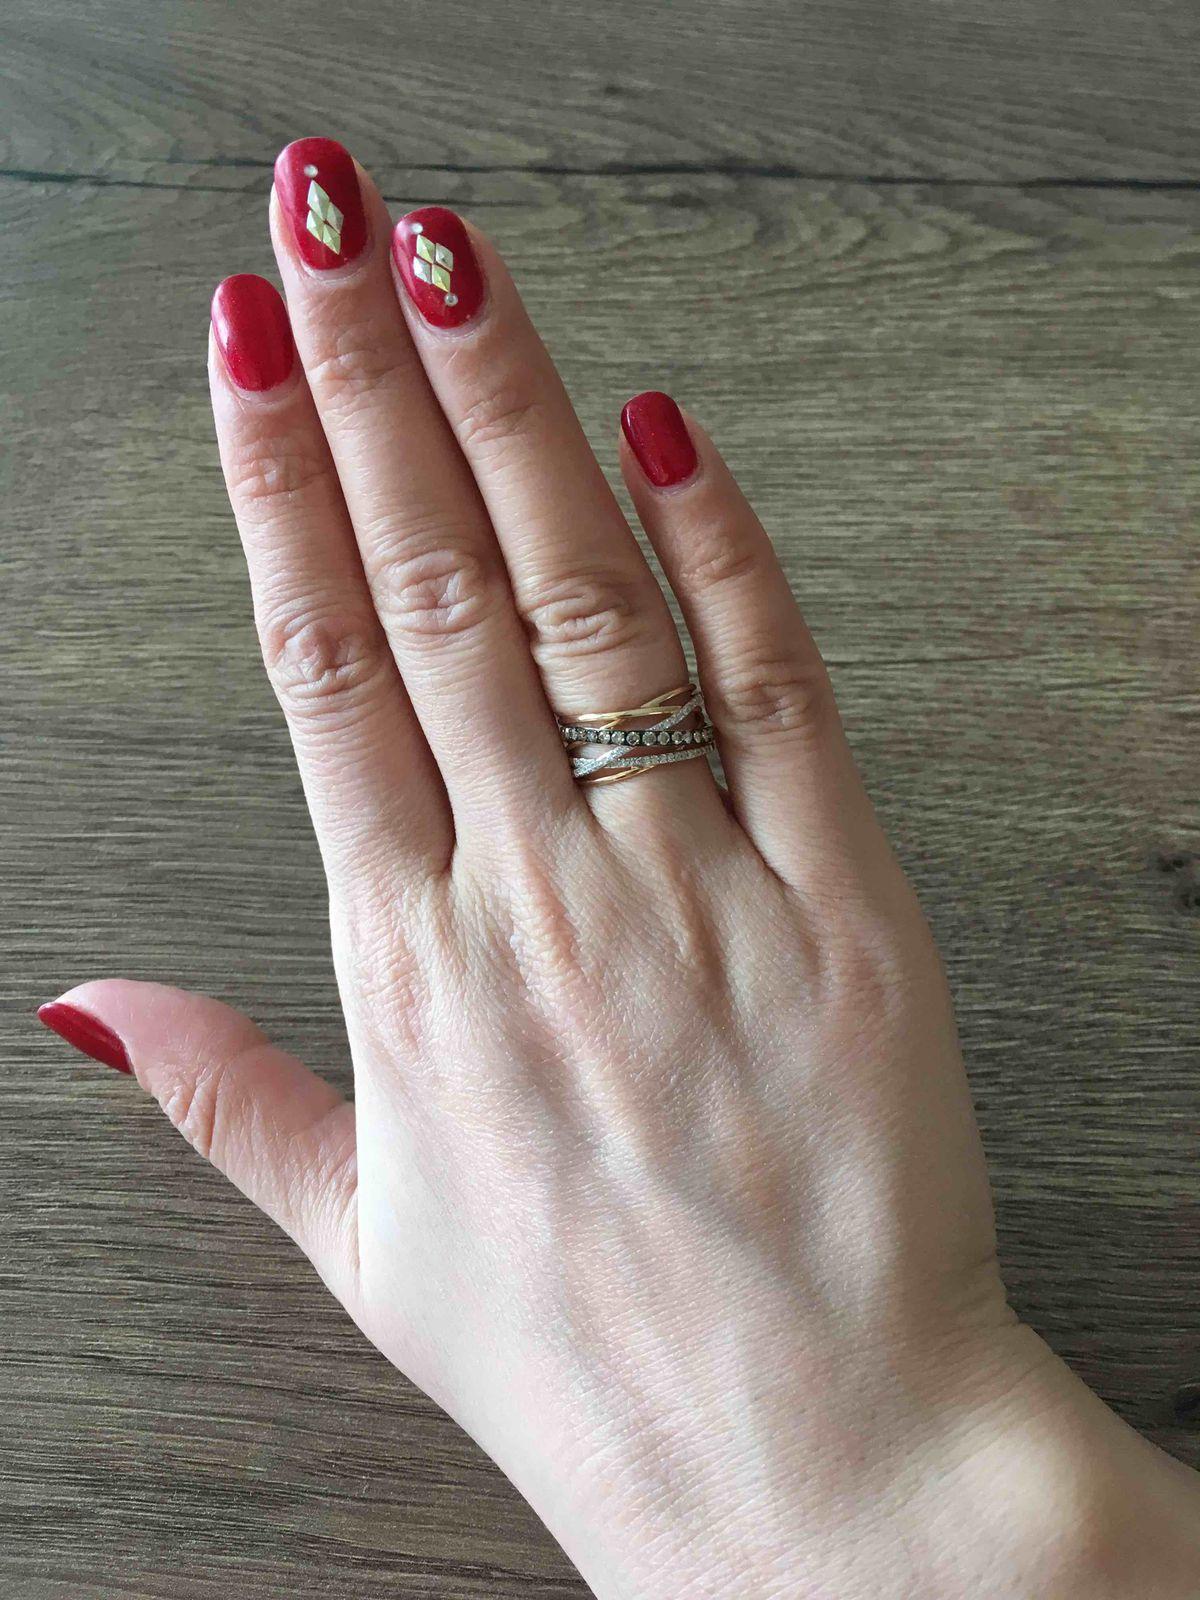 Шикарное кольцо!!! Любовь с первого взгляда.